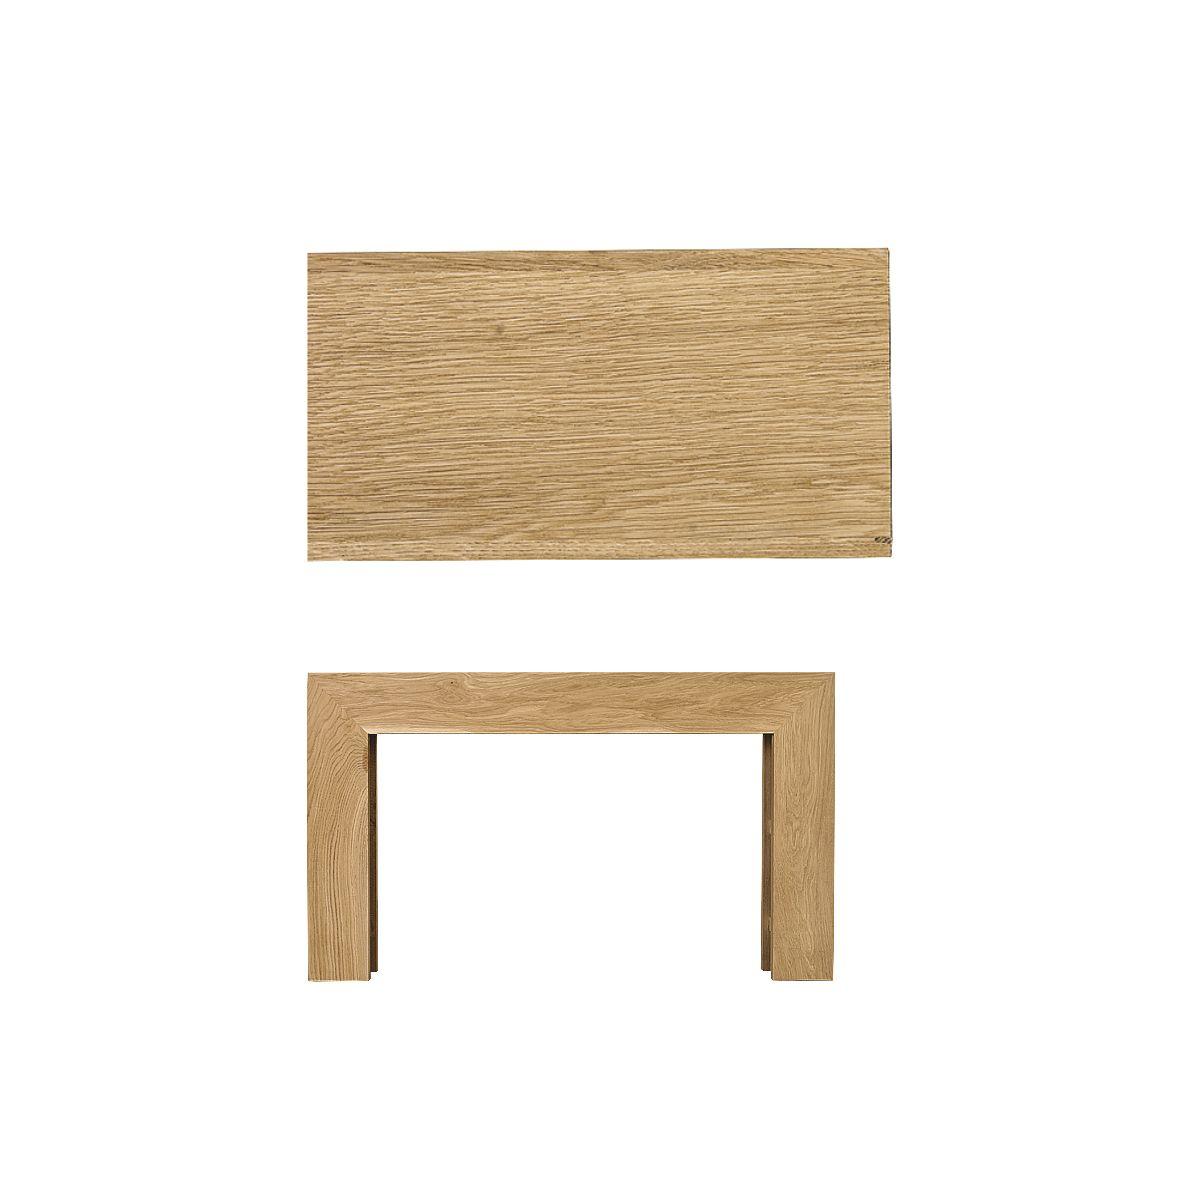 Dřevěná krbová římsa - bez frézování, rovná, dub